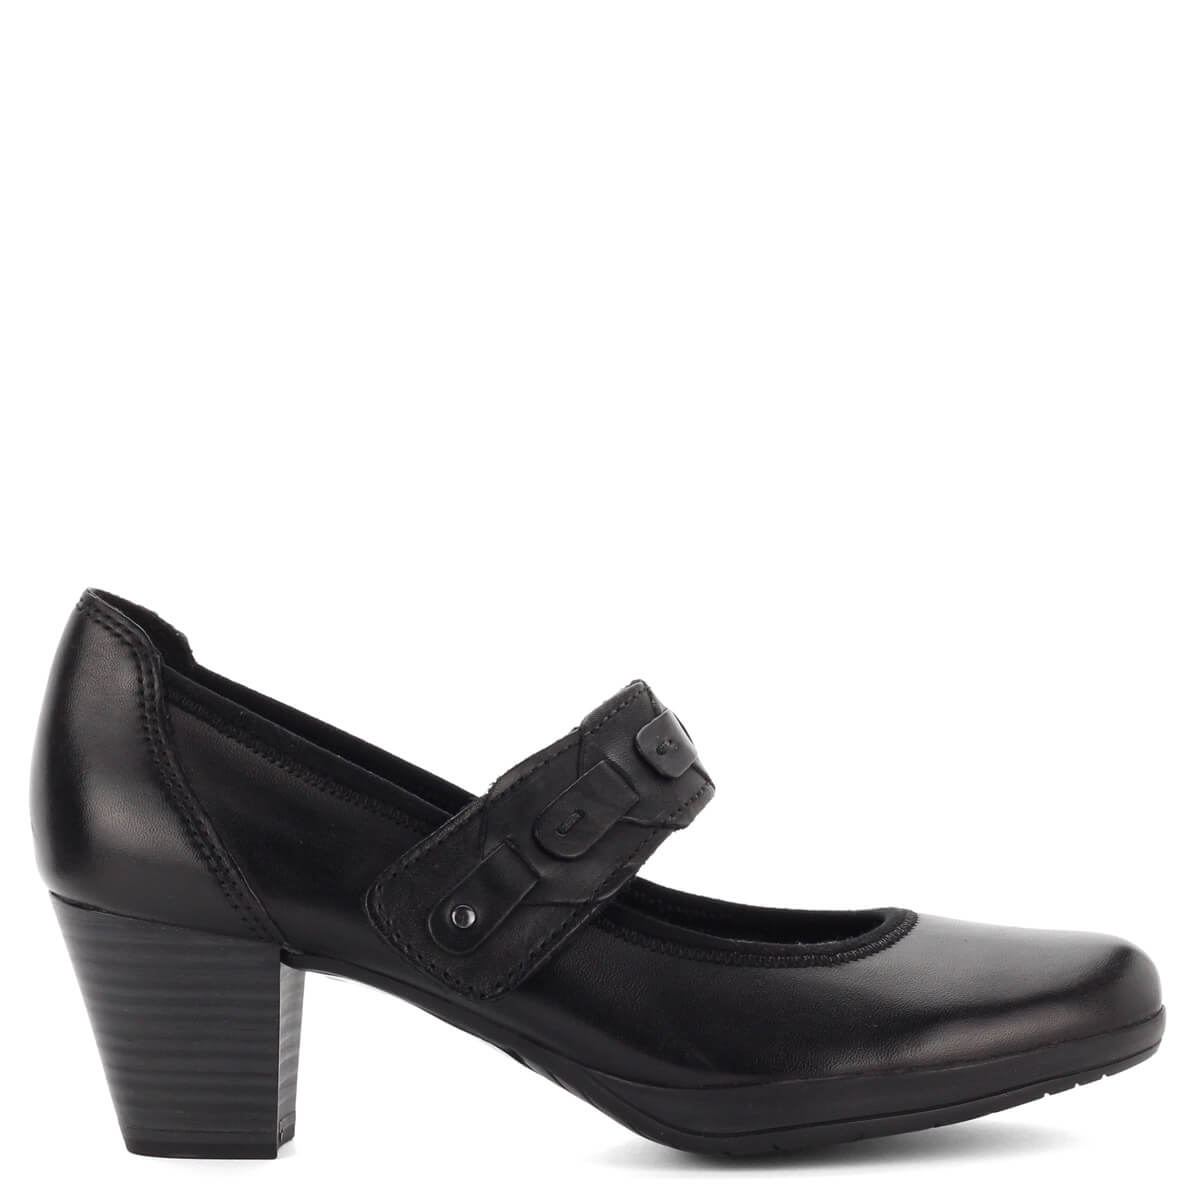 Fekete pántos Marco Tozzi cipő puha talpbéléssel. Antishokk sarka 5 d9e8eacb9d